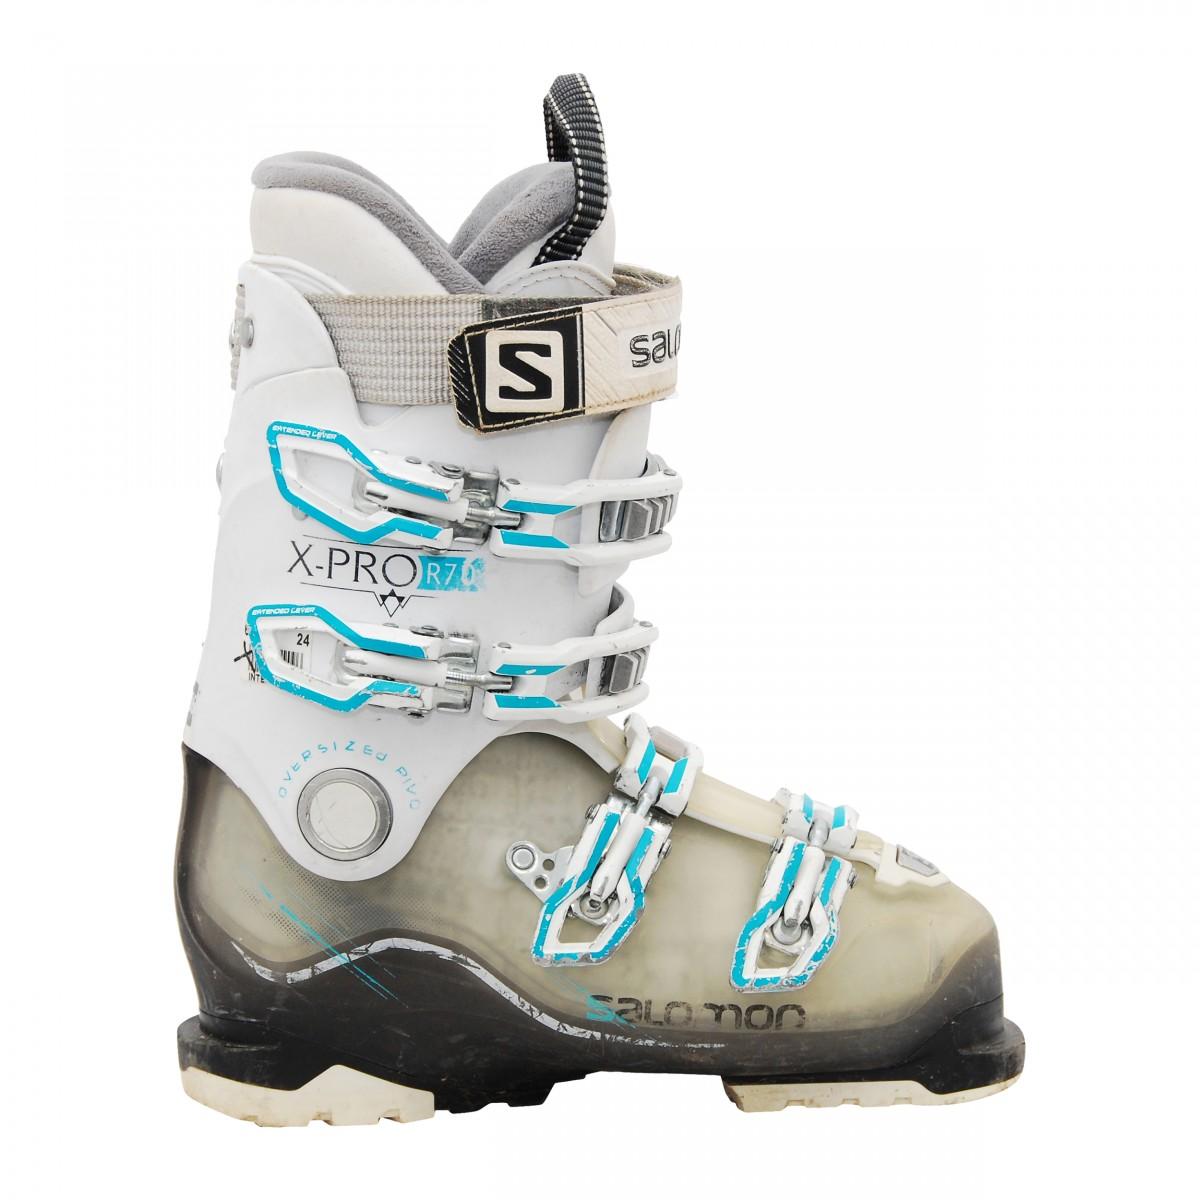 occasion Chaussure noir ski r70w Salomon Xpro bleu blanc l1FKcJ